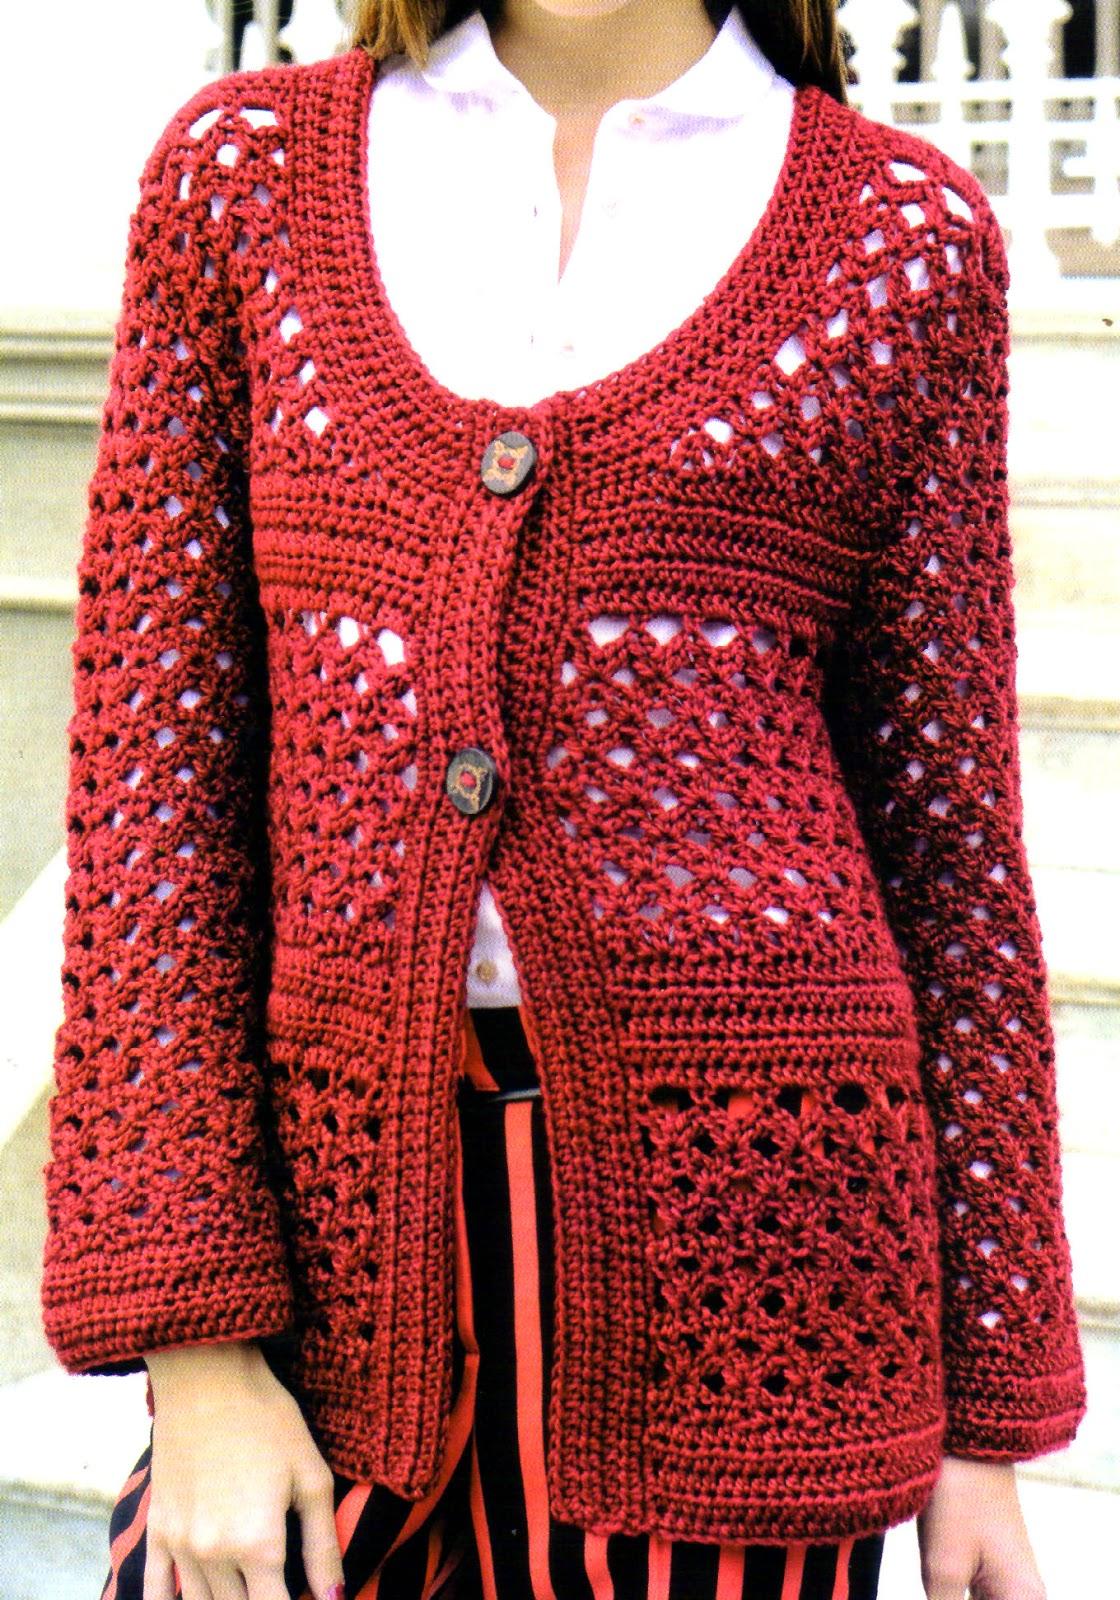 saco tejido a crochet con esquema y paso a paso patrones crochet manualidades y reciclado. Black Bedroom Furniture Sets. Home Design Ideas